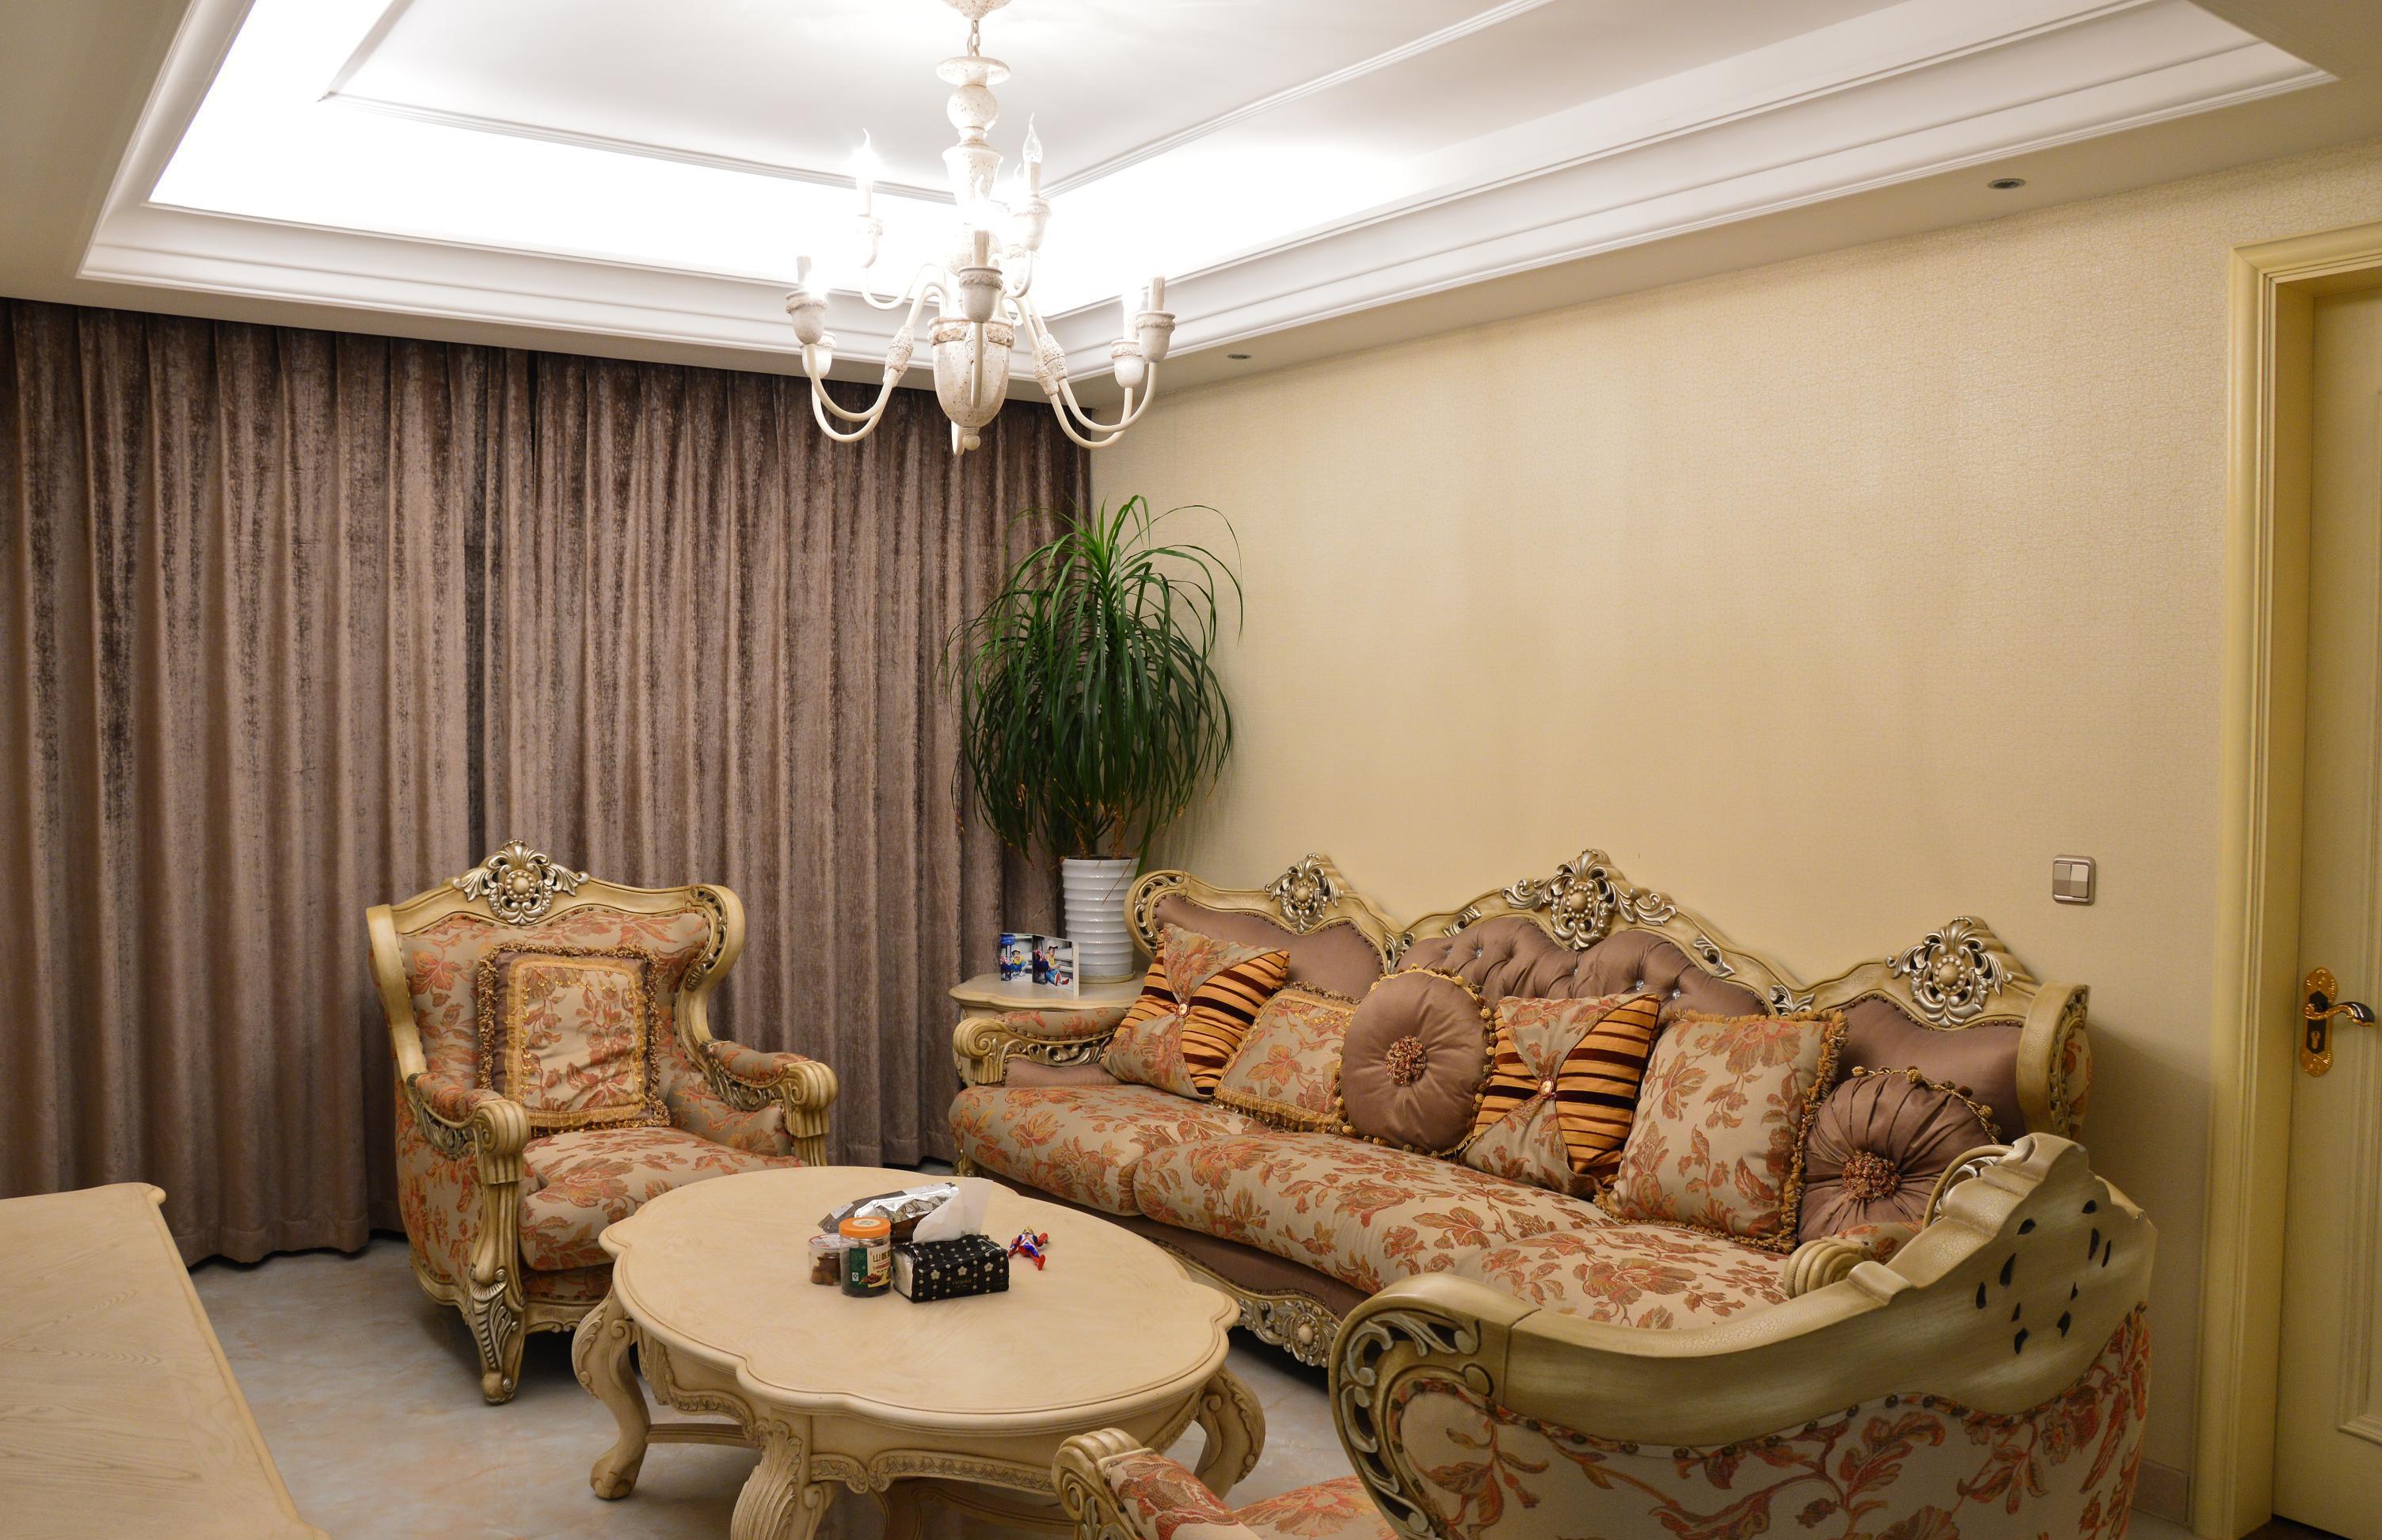 欧式田园风格小户型客厅装修效果图片图片